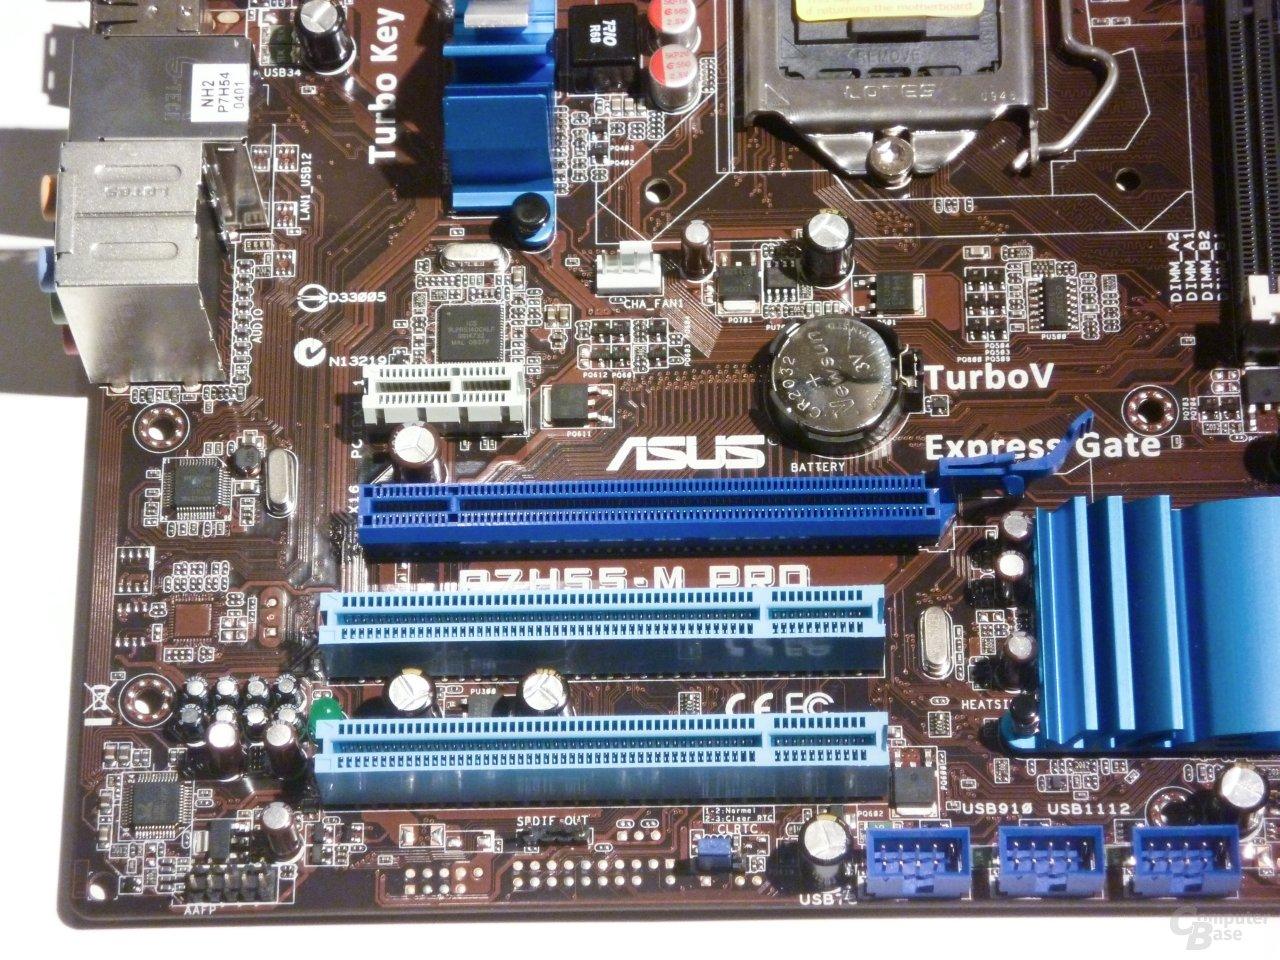 Asus P7H55-M Pro